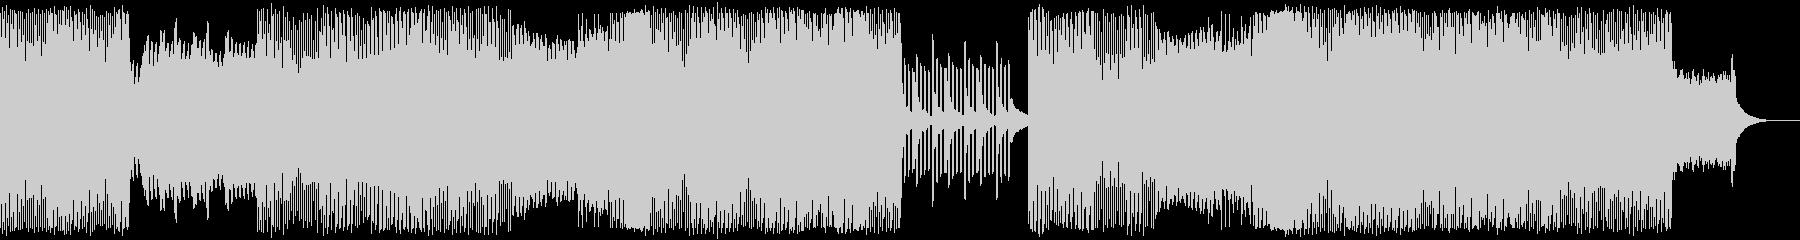 前向きでエモーショナルなピアノエレクトロの未再生の波形